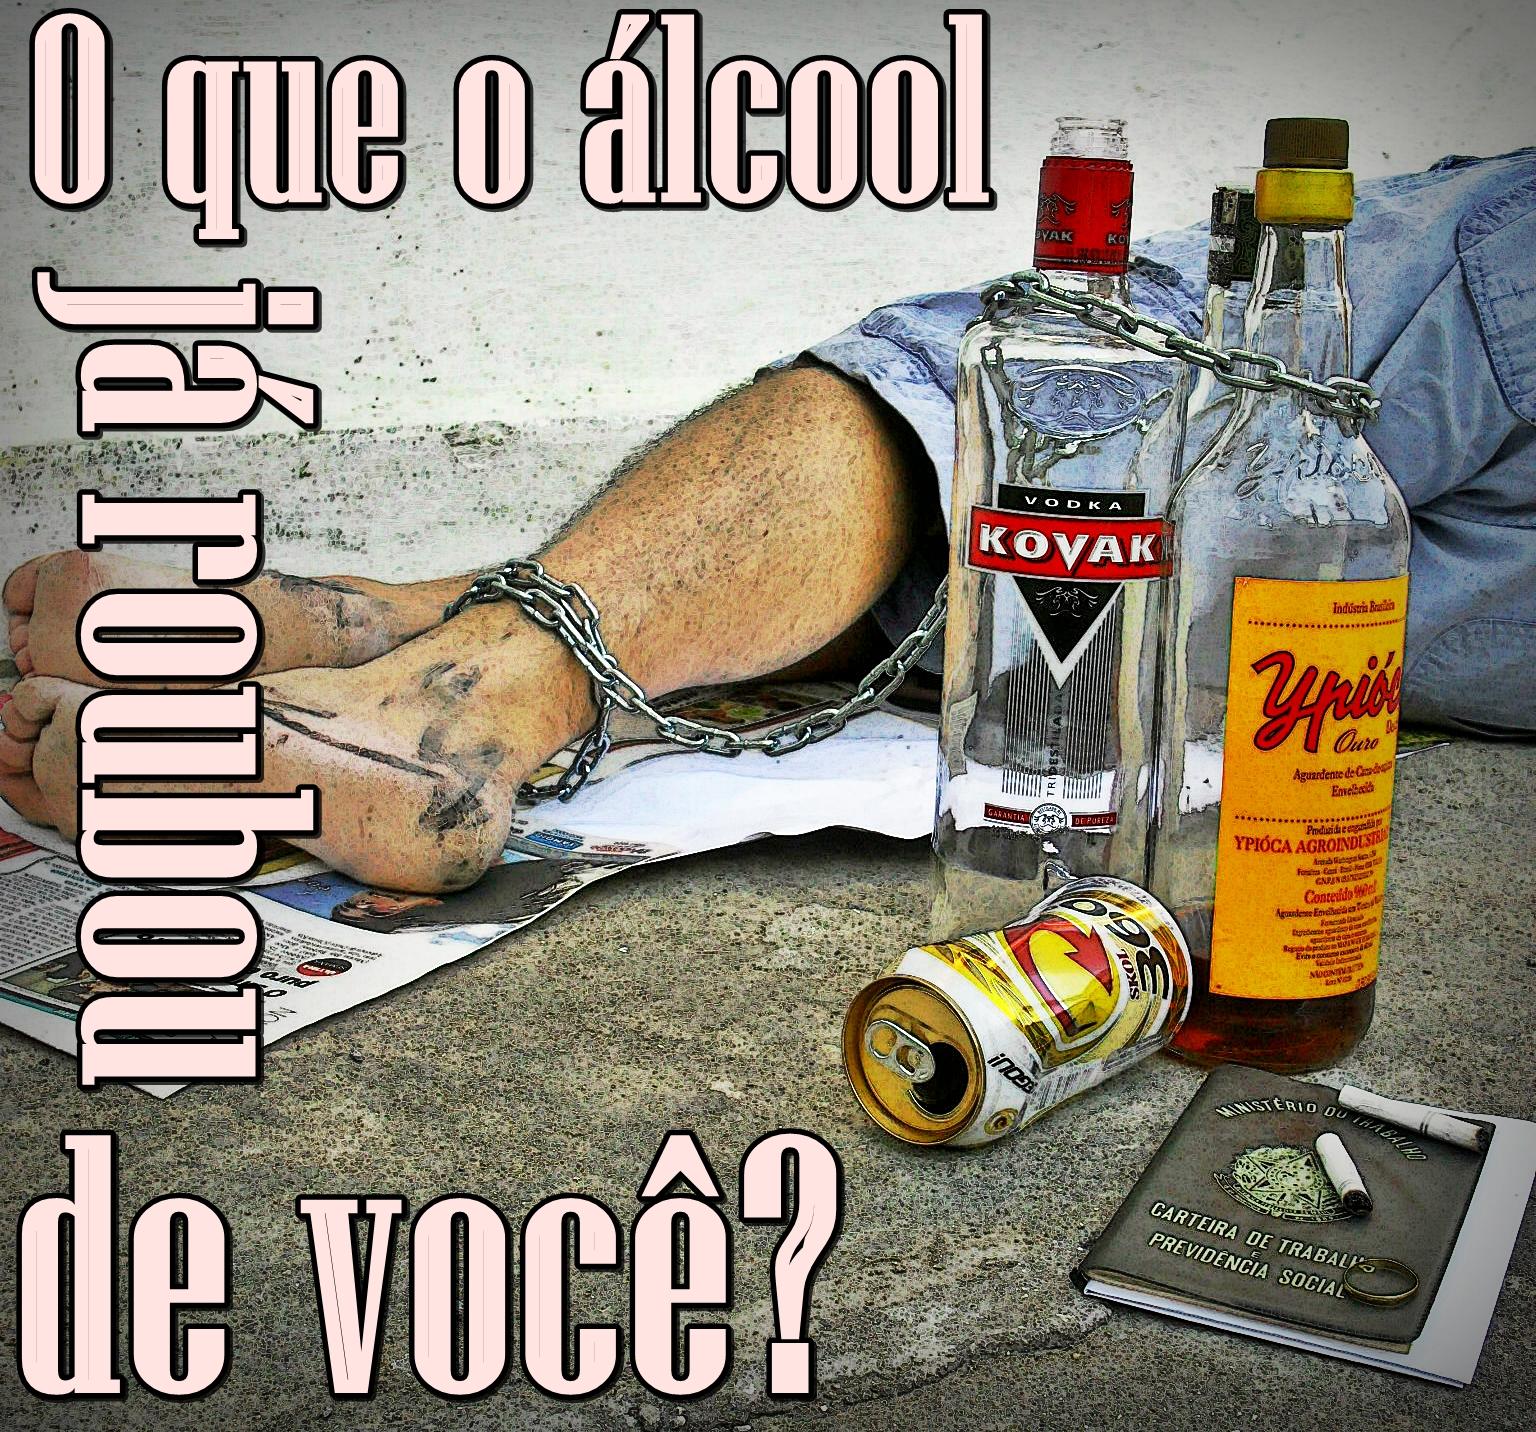 Igreja Virtual A Destruição Causada Pelo álcool Algumas Imagens